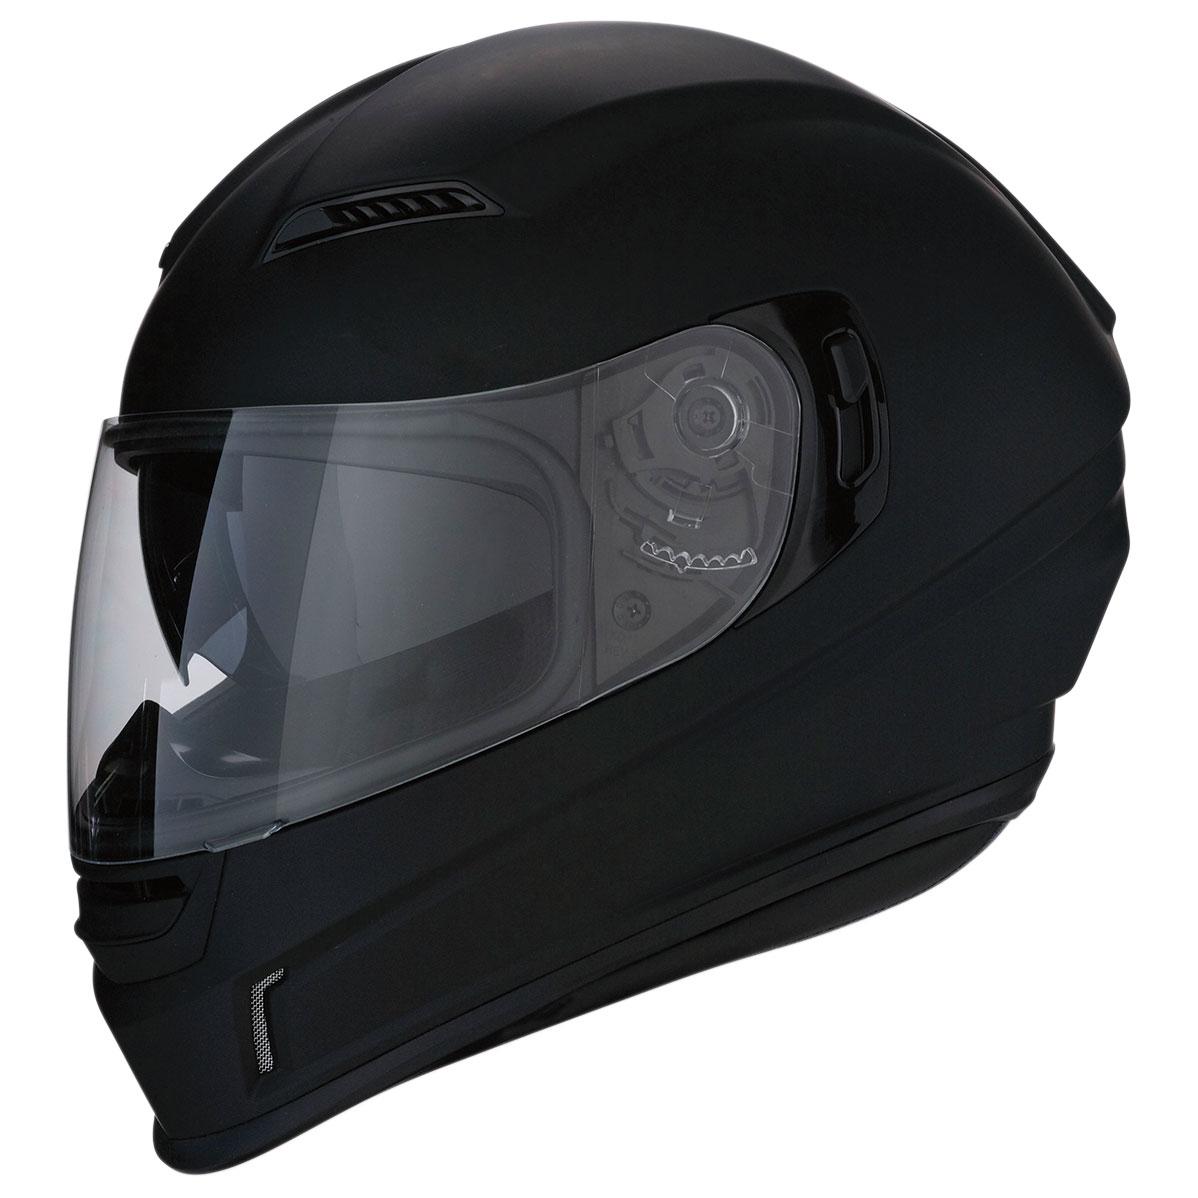 Z1R Jackal Matte Black Full Face Helmet